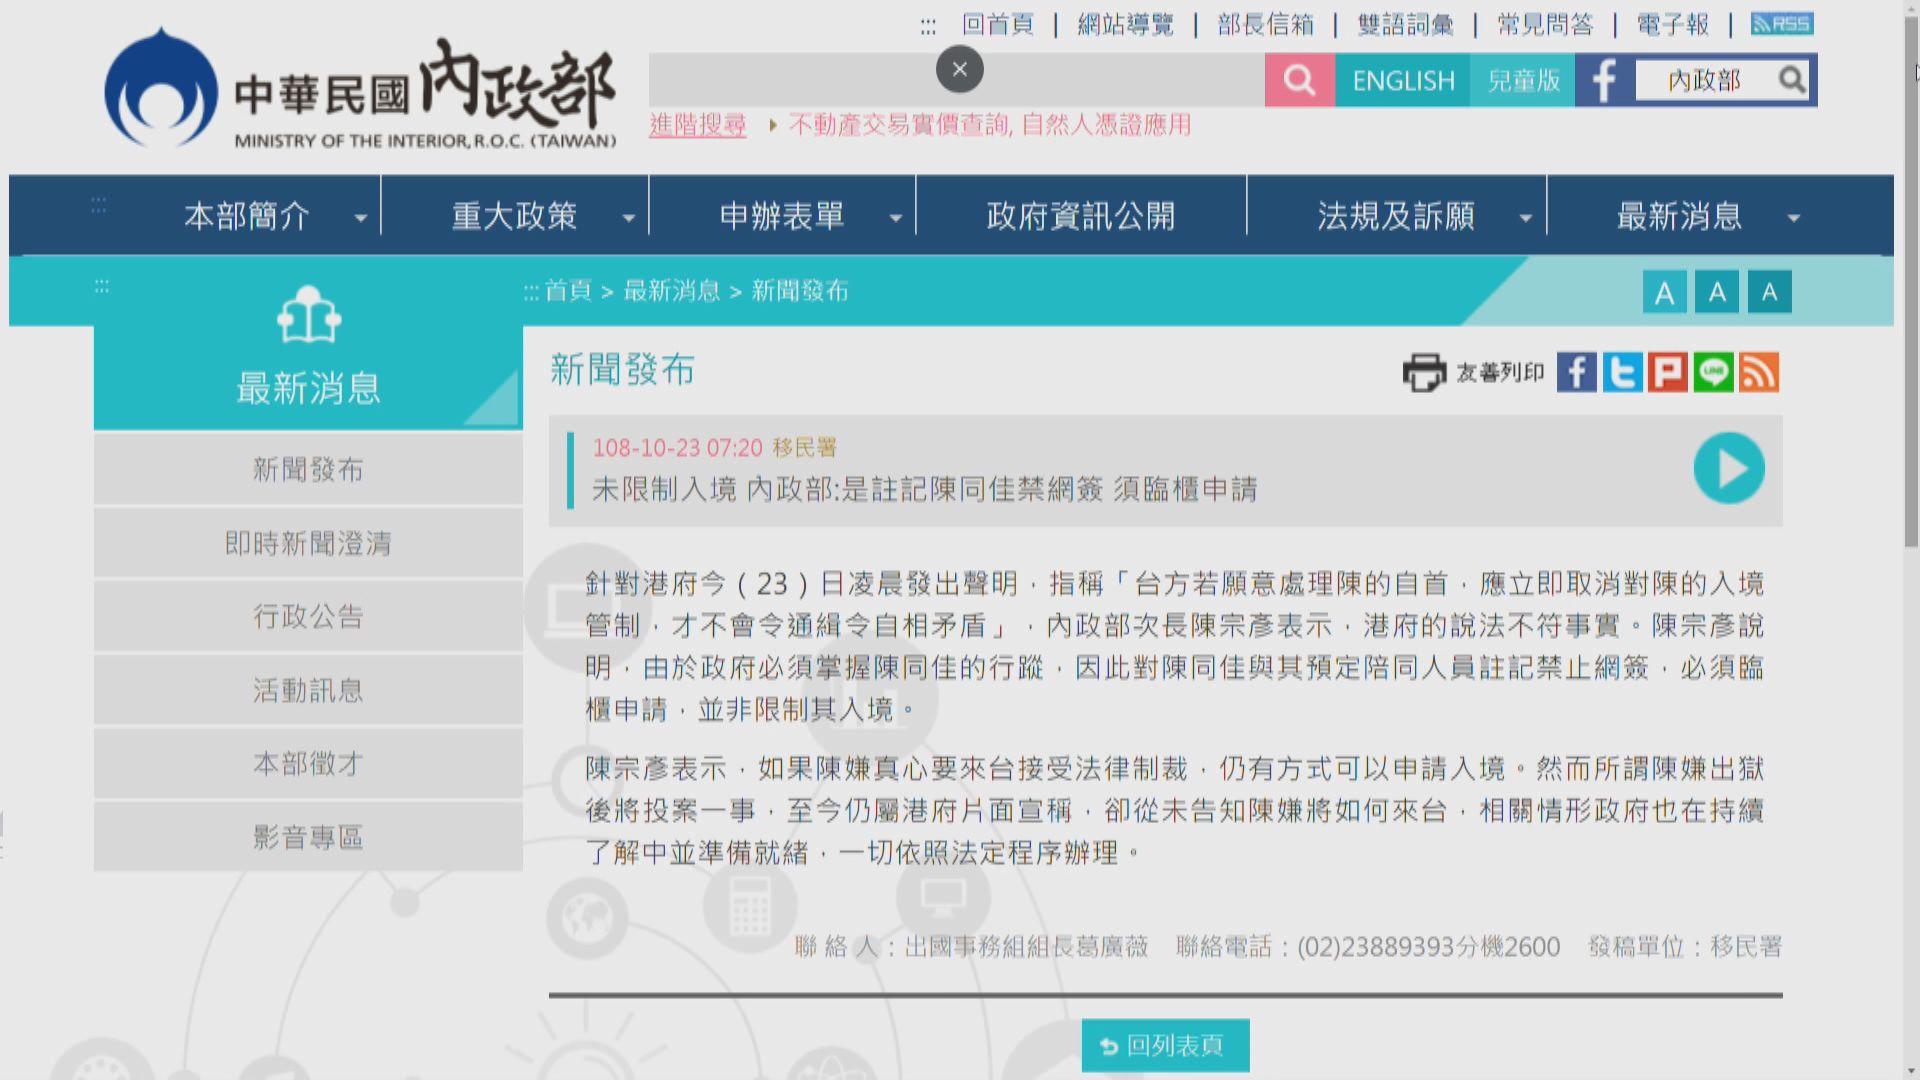 台灣內政部並非限制陳同佳及其陪同人員入境